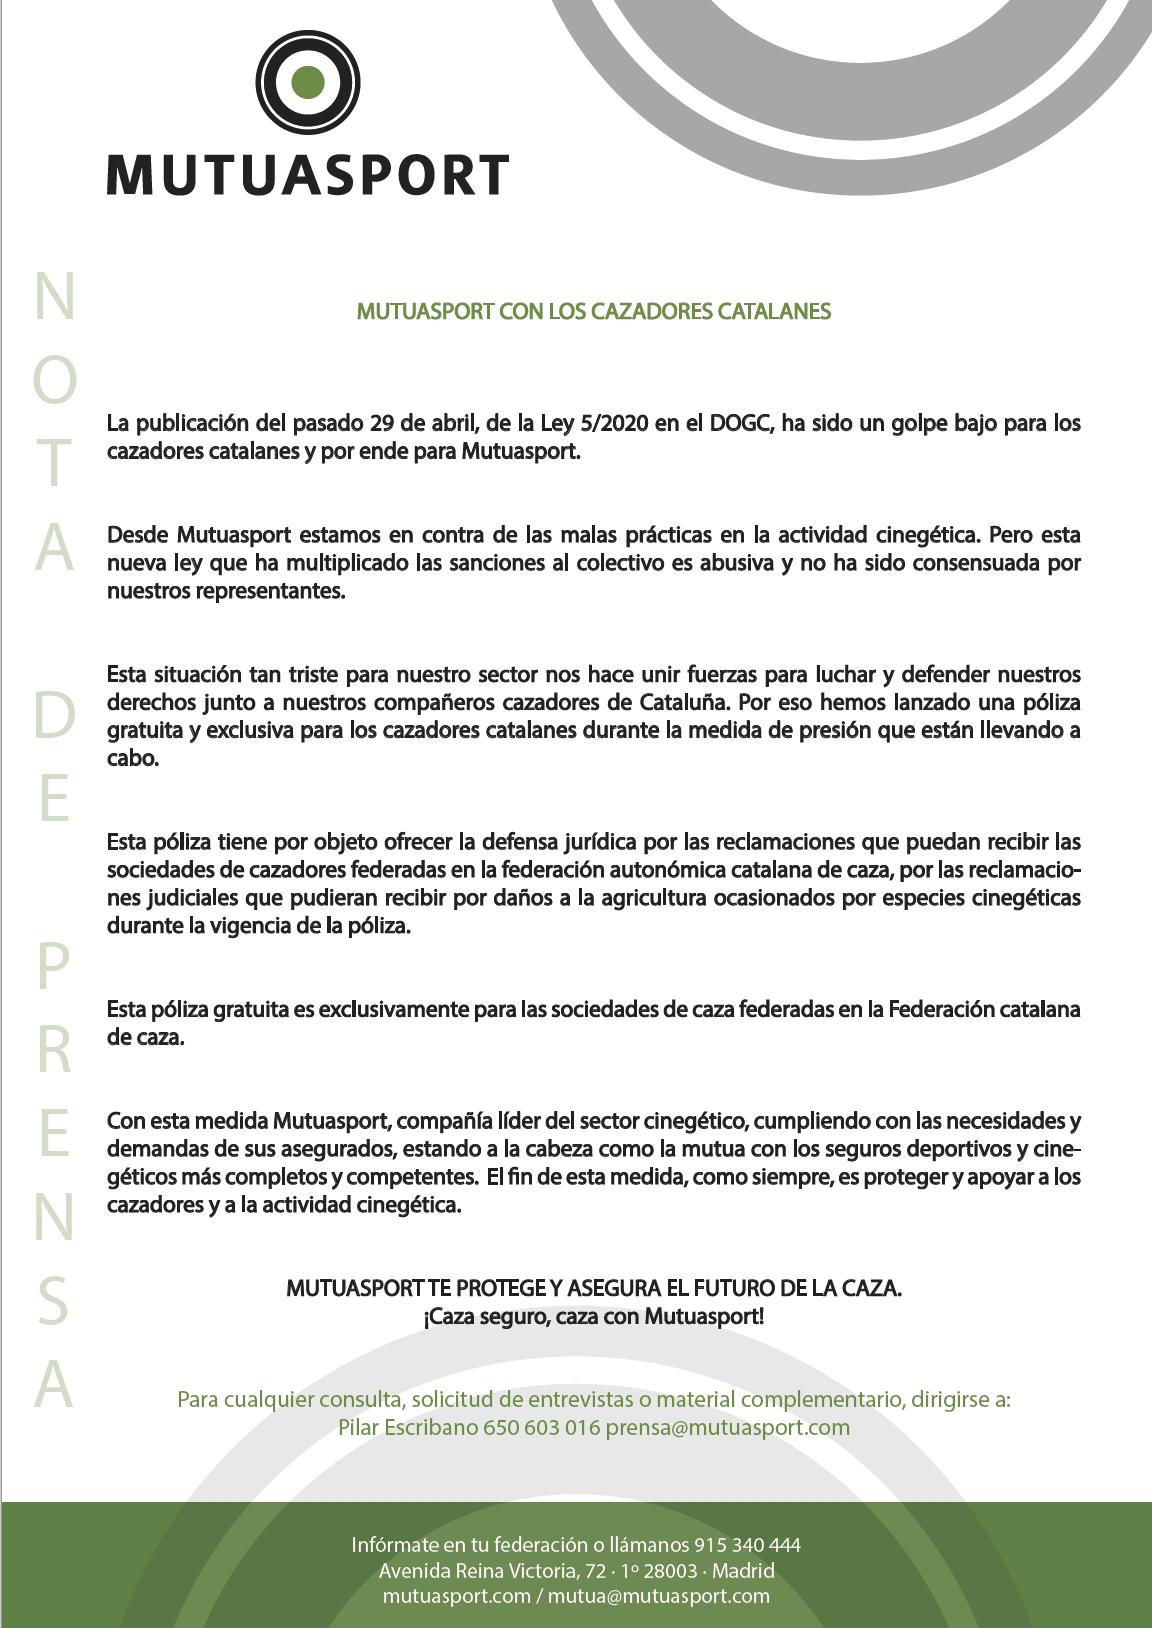 MUTUASPORT CON LOS CAZADORES CATALANES